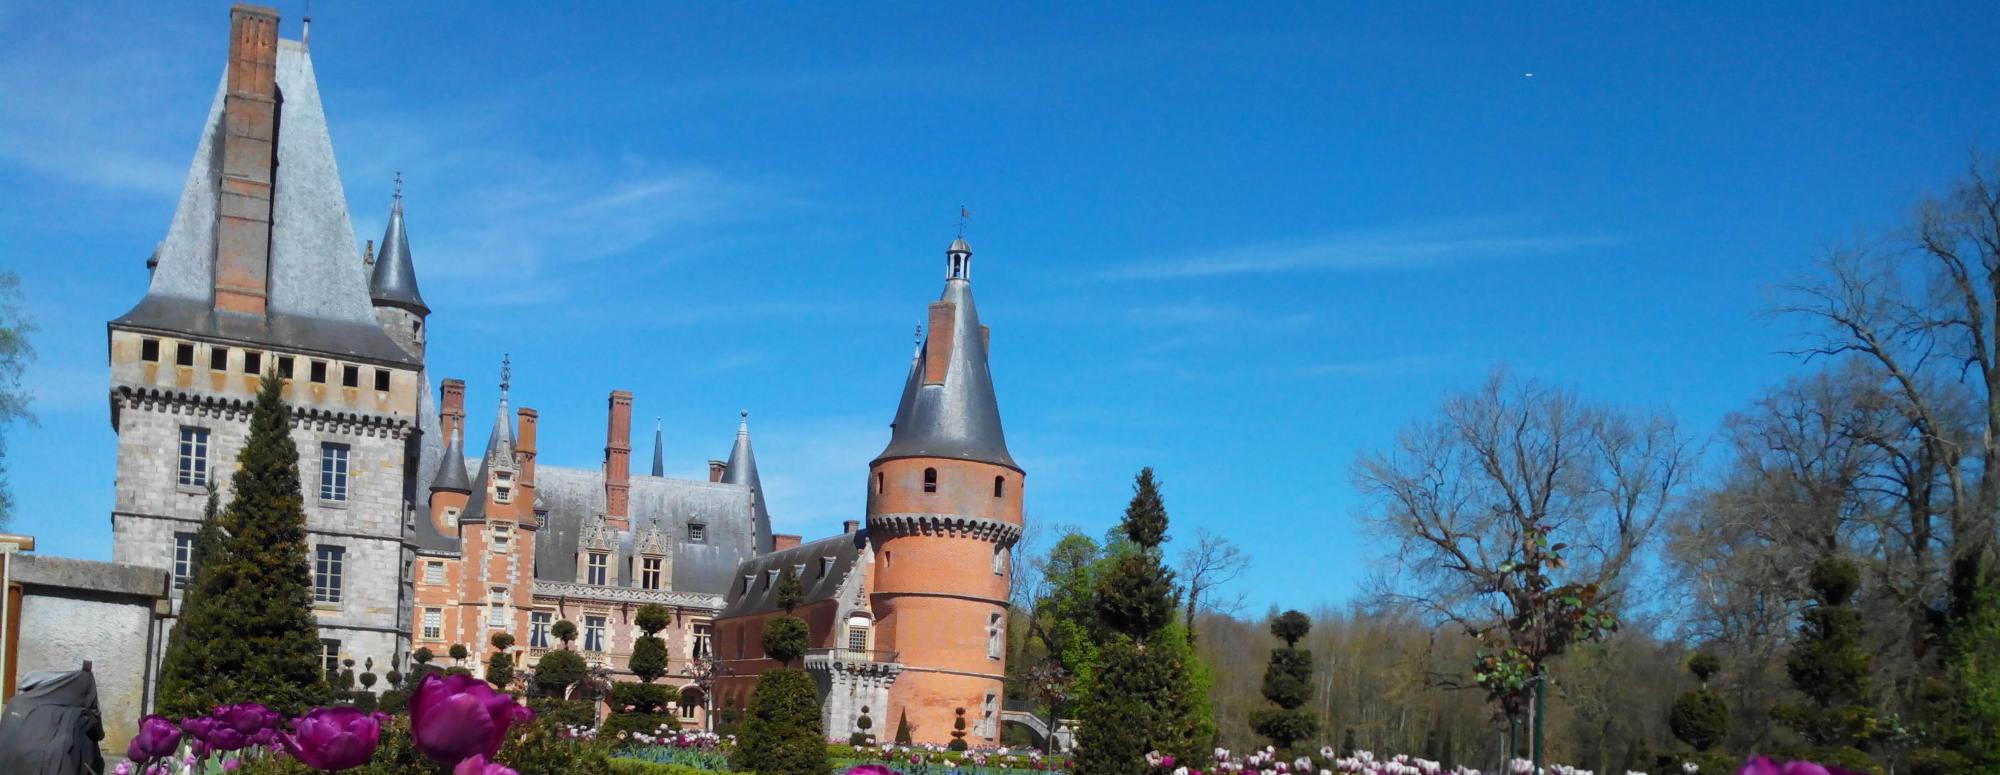 Château Maintenon hôtel châteaudun entre Chartres et Orléans